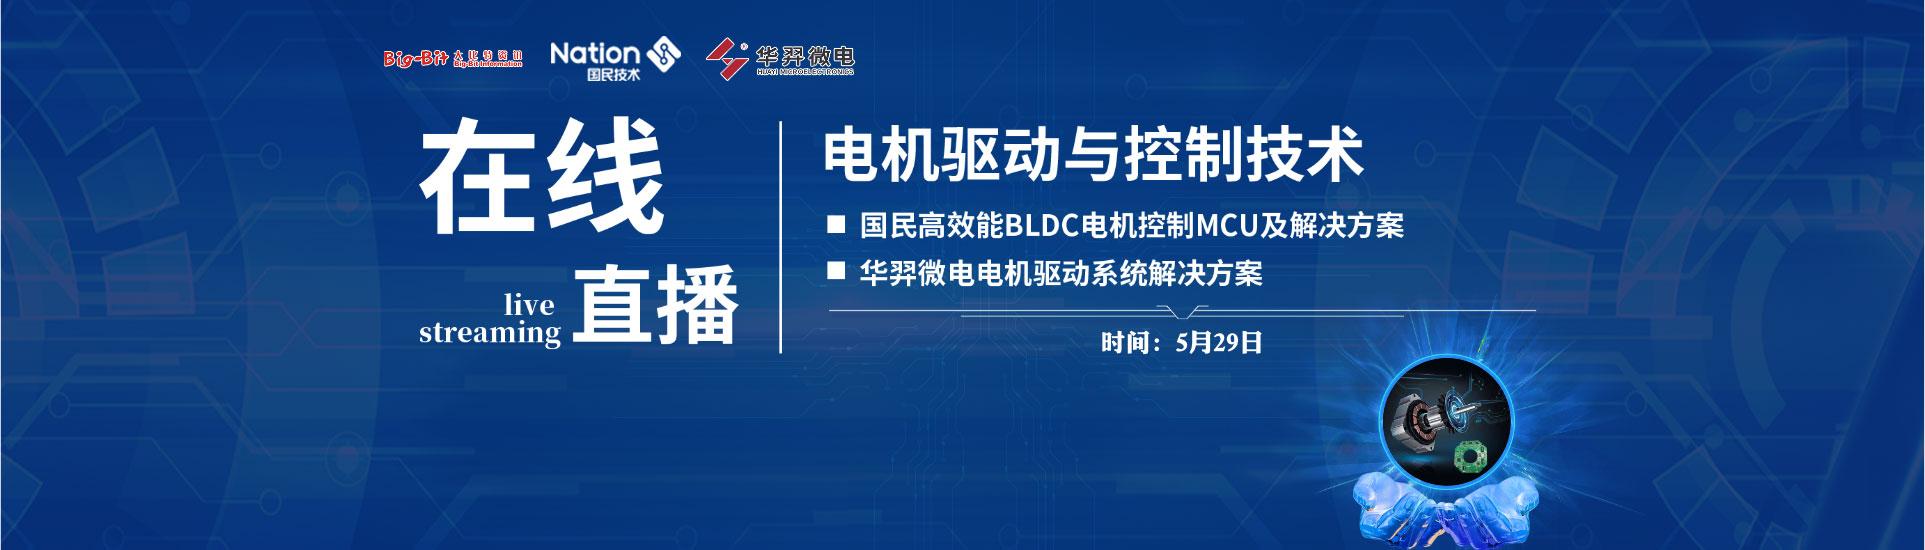 報名!華羿技術總監直播剖析電機驅動系統